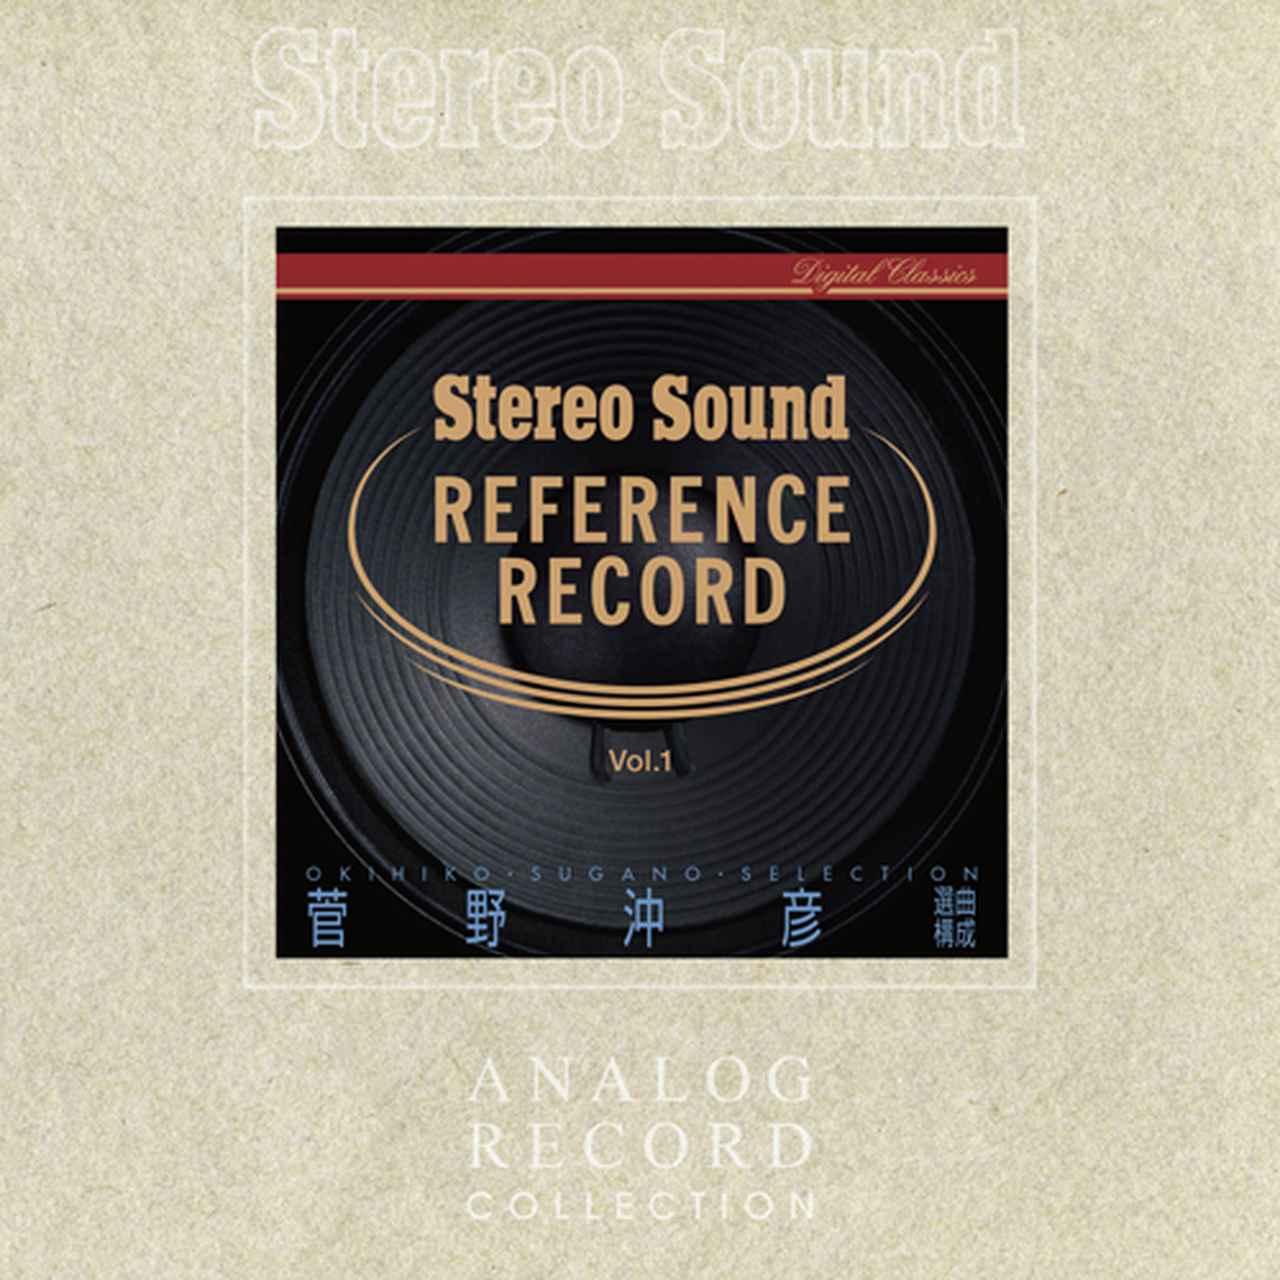 画像: ステレオサウンド リファレンス・レコード Vol.1 (アナログレコード2枚組) SSAR-028~029 ※予約商品・9月26日頃より順次発送予定